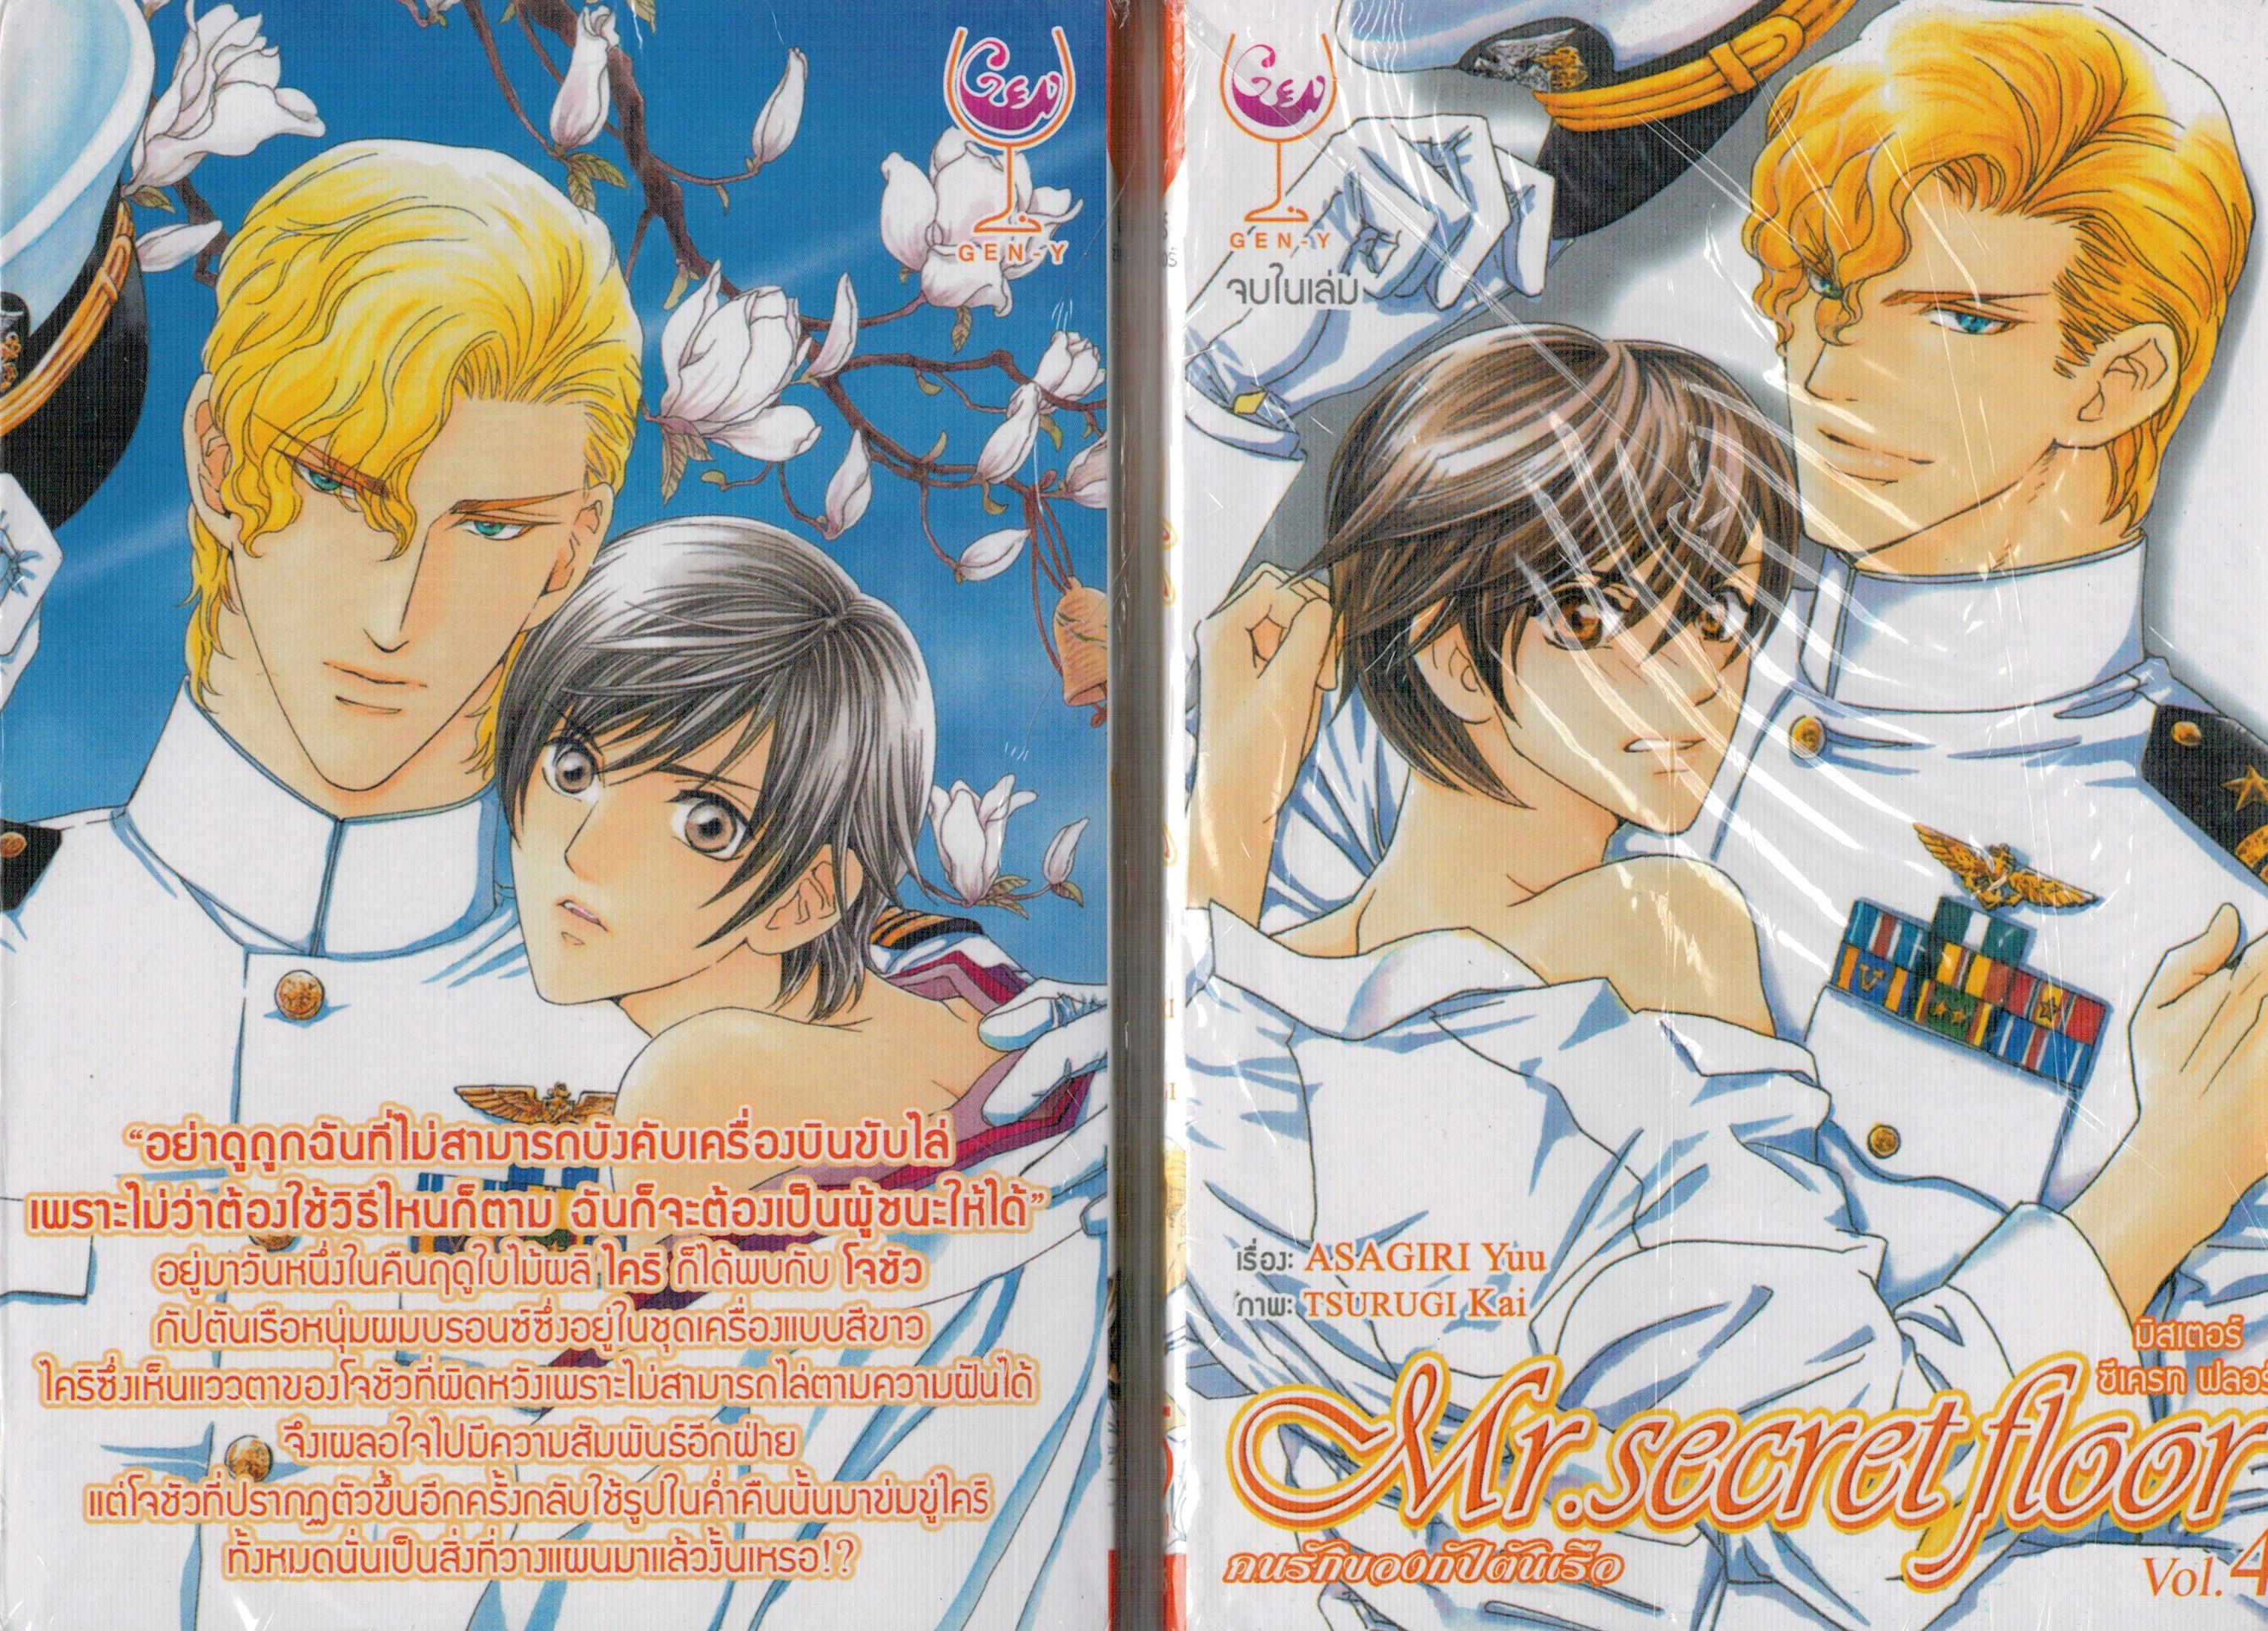 Mr.Secret Floor - คนรักของกัปตันเรือ - Asagiri Yuu